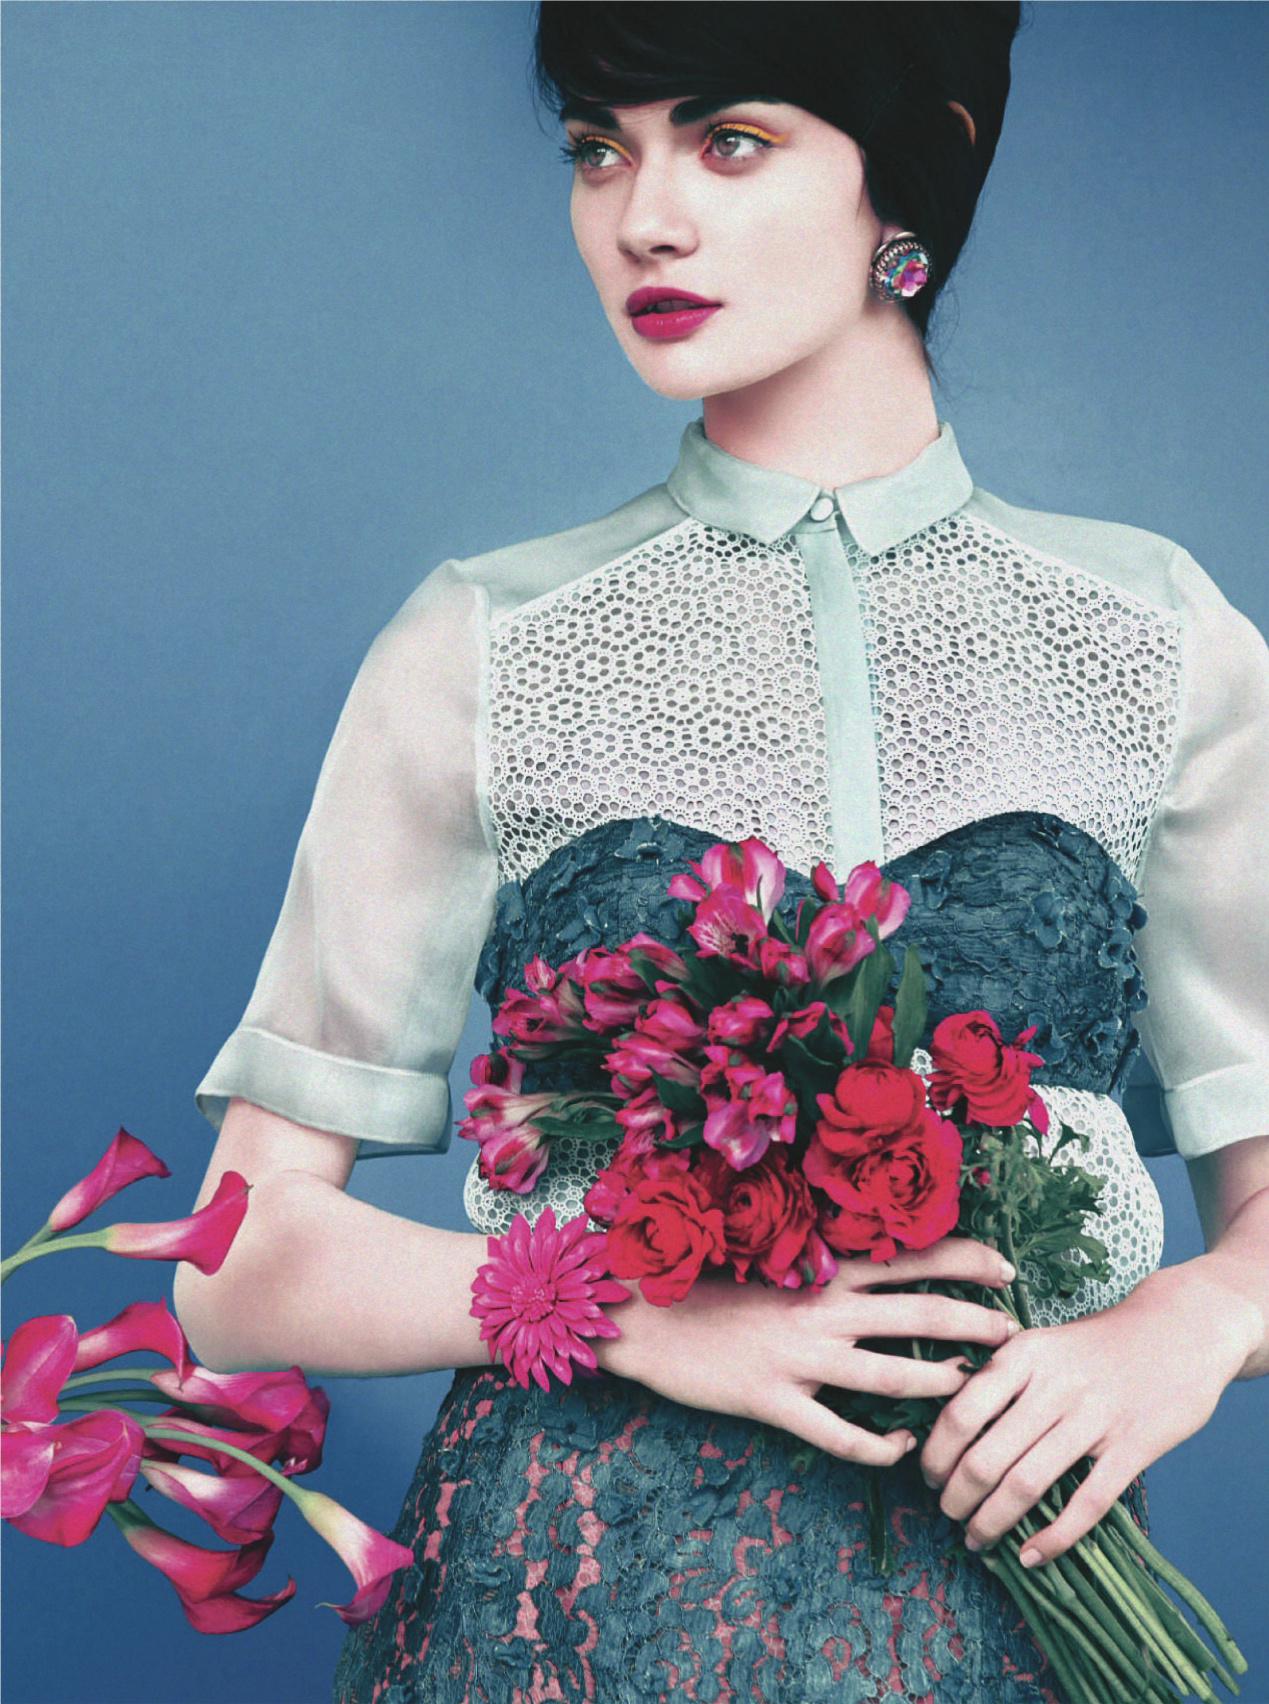 Antonina Vaslychenko in  Sweet Sixties  photographed by  Erik Madigan Heck  for  UK Harper's Bazaar, March 2014